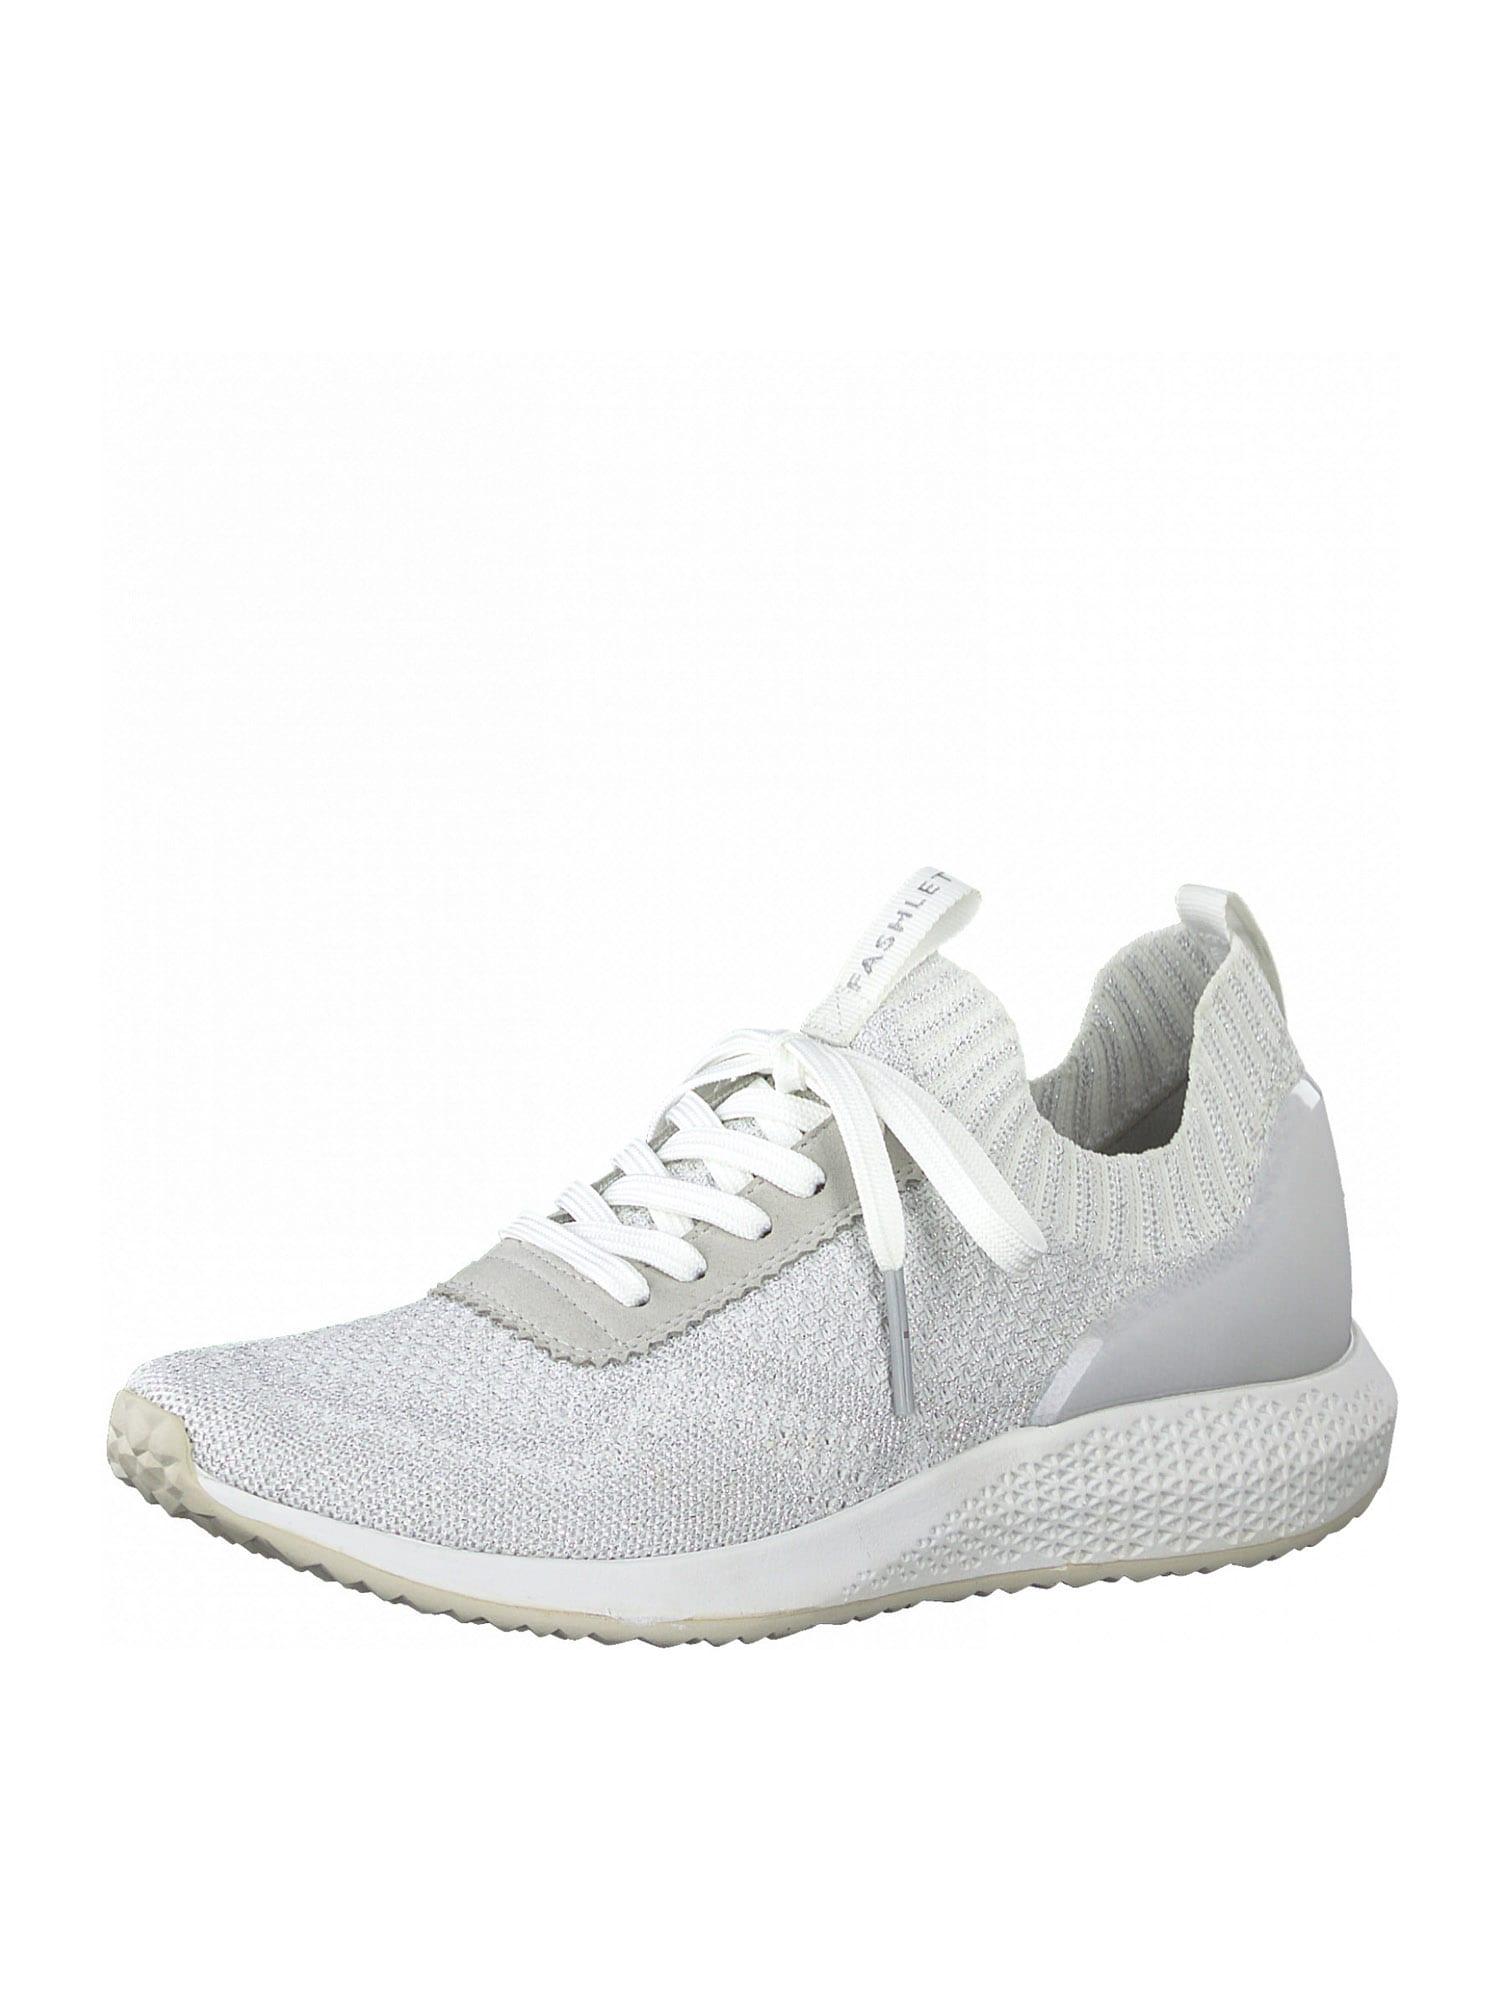 Tamaris Fashletics Sneaker šviesiai pilka